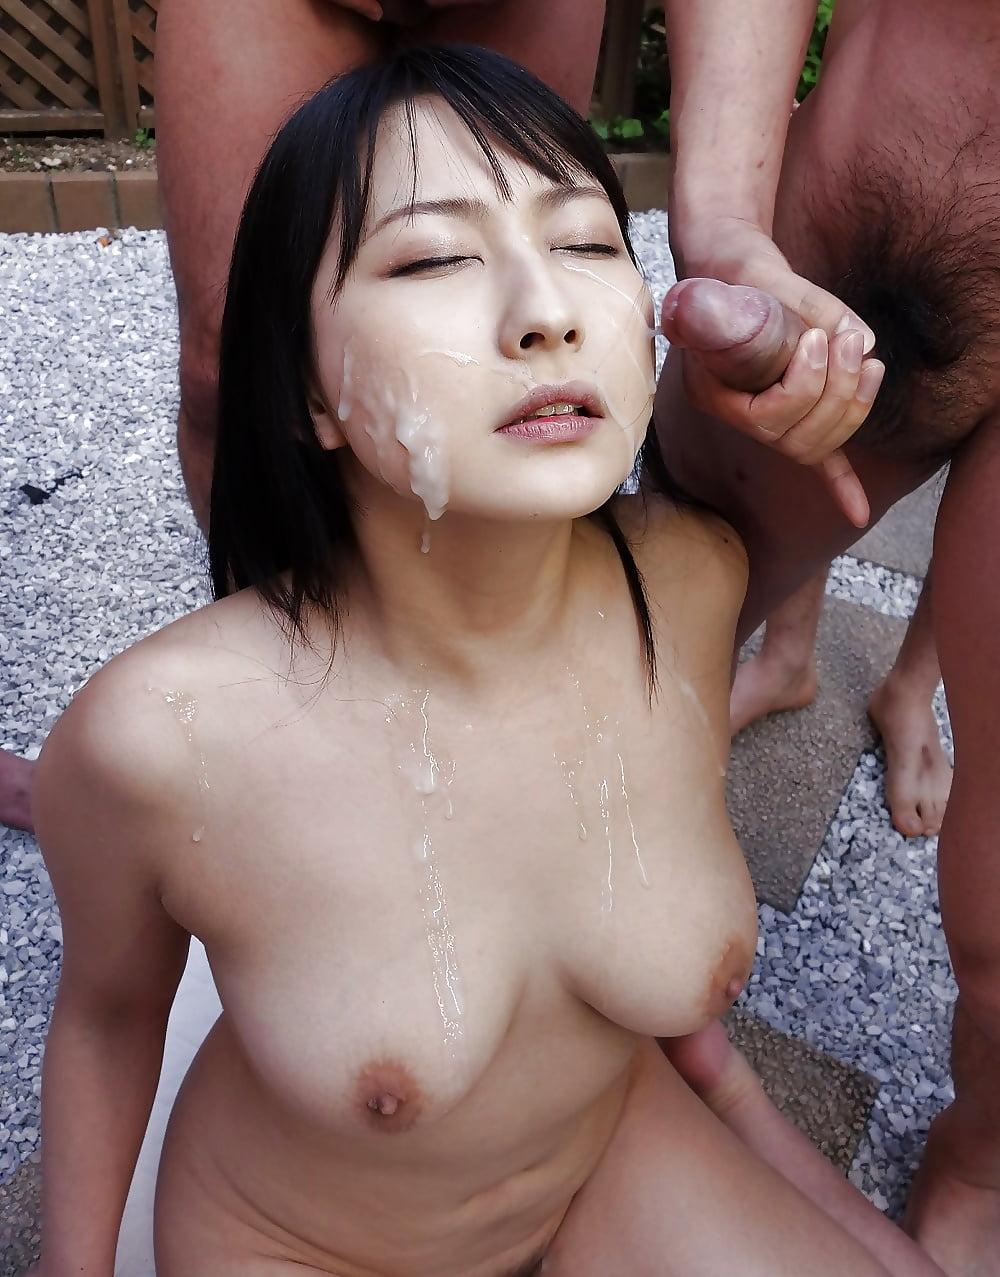 Live bukkake tv show starring various japanese girls bukkake facials